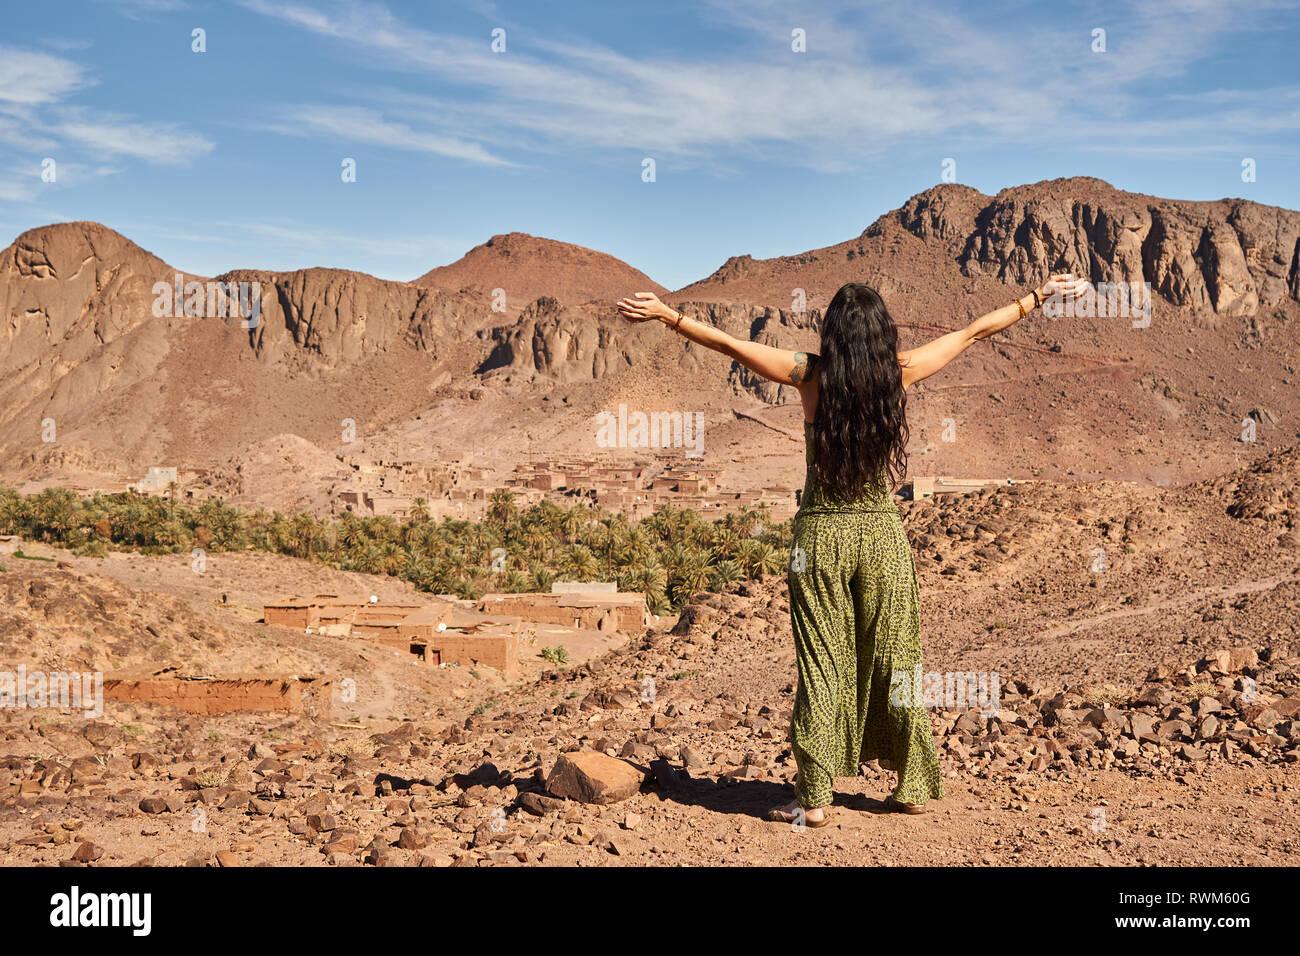 Zurück Blick auf junge Brünette Dame mit Händen zu Seiten zwischen Wüste landet in der Nähe von alten Konstruktionen und Hügel in Marrakesch, Marokko stehend Stockbild